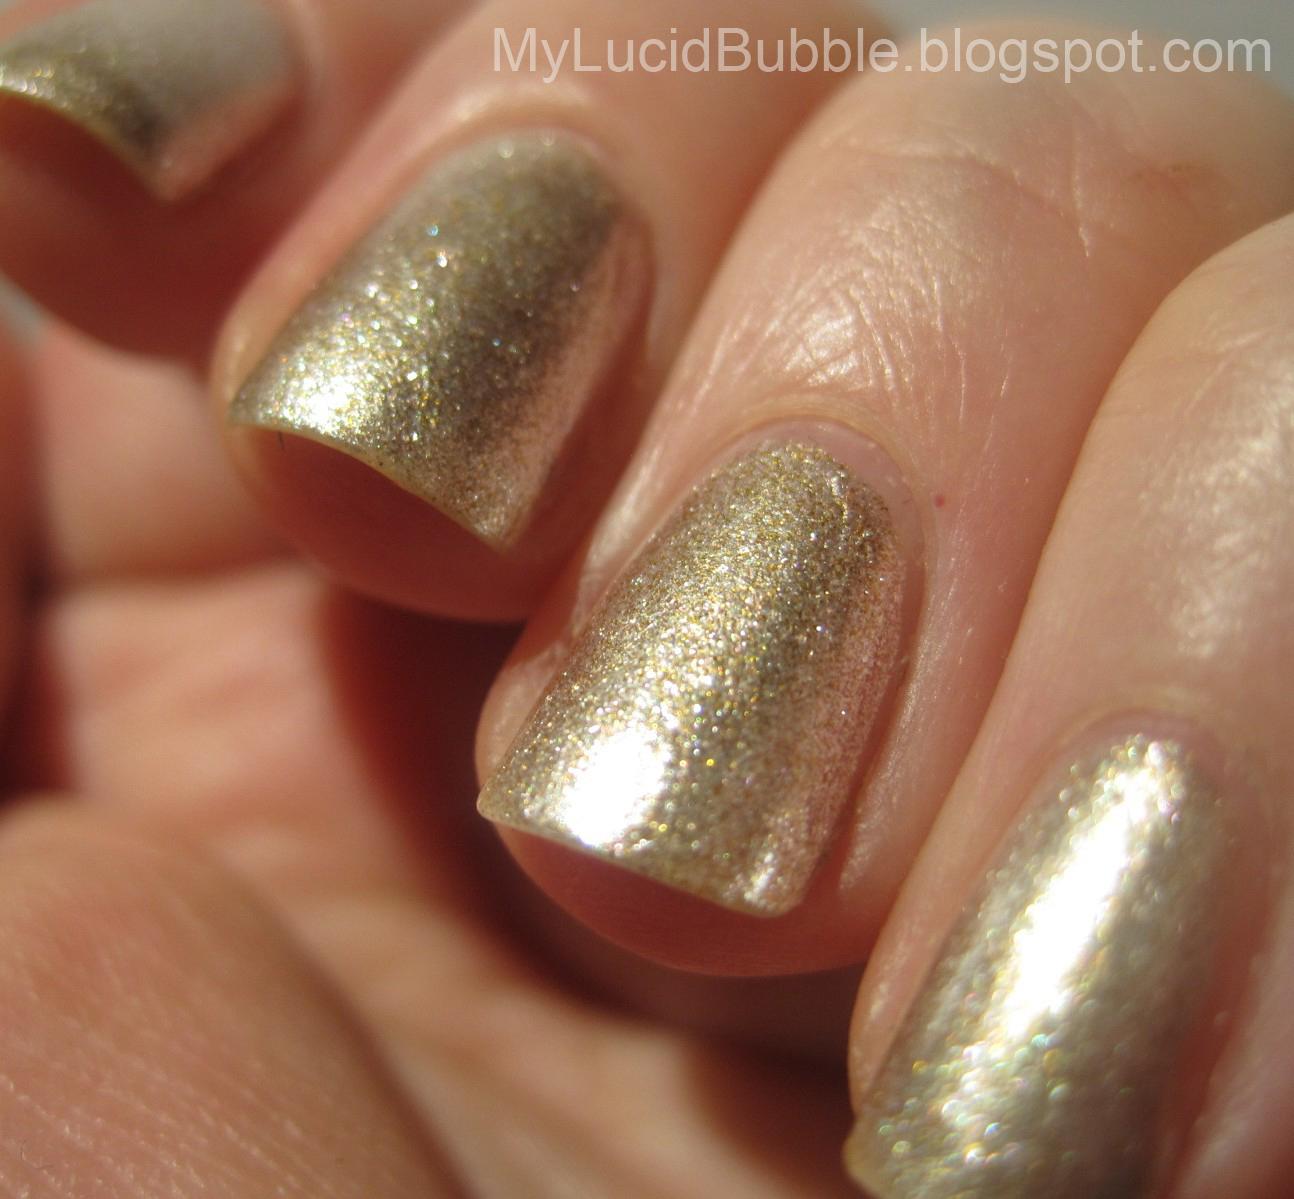 Jessica Cosmetics Champagne Bubbles | My Lucid Bubble